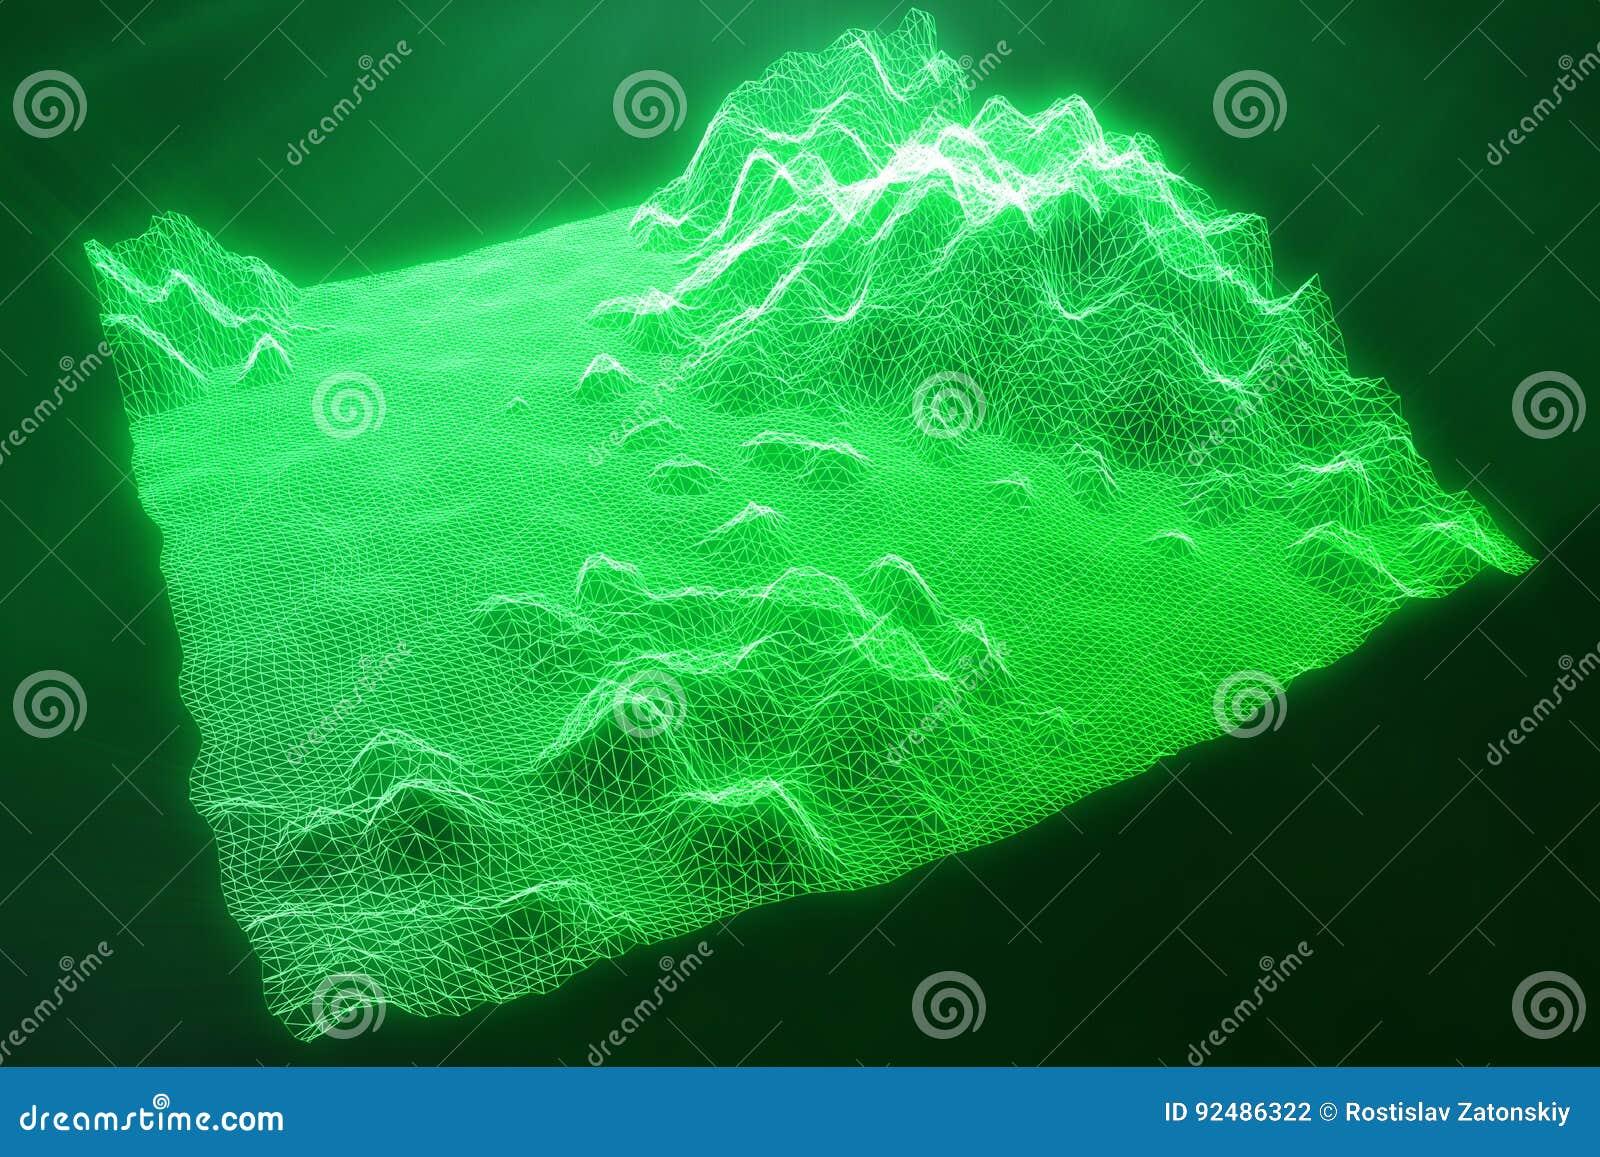 3d Illustratie Abstract Groen Landschap Bacgkround